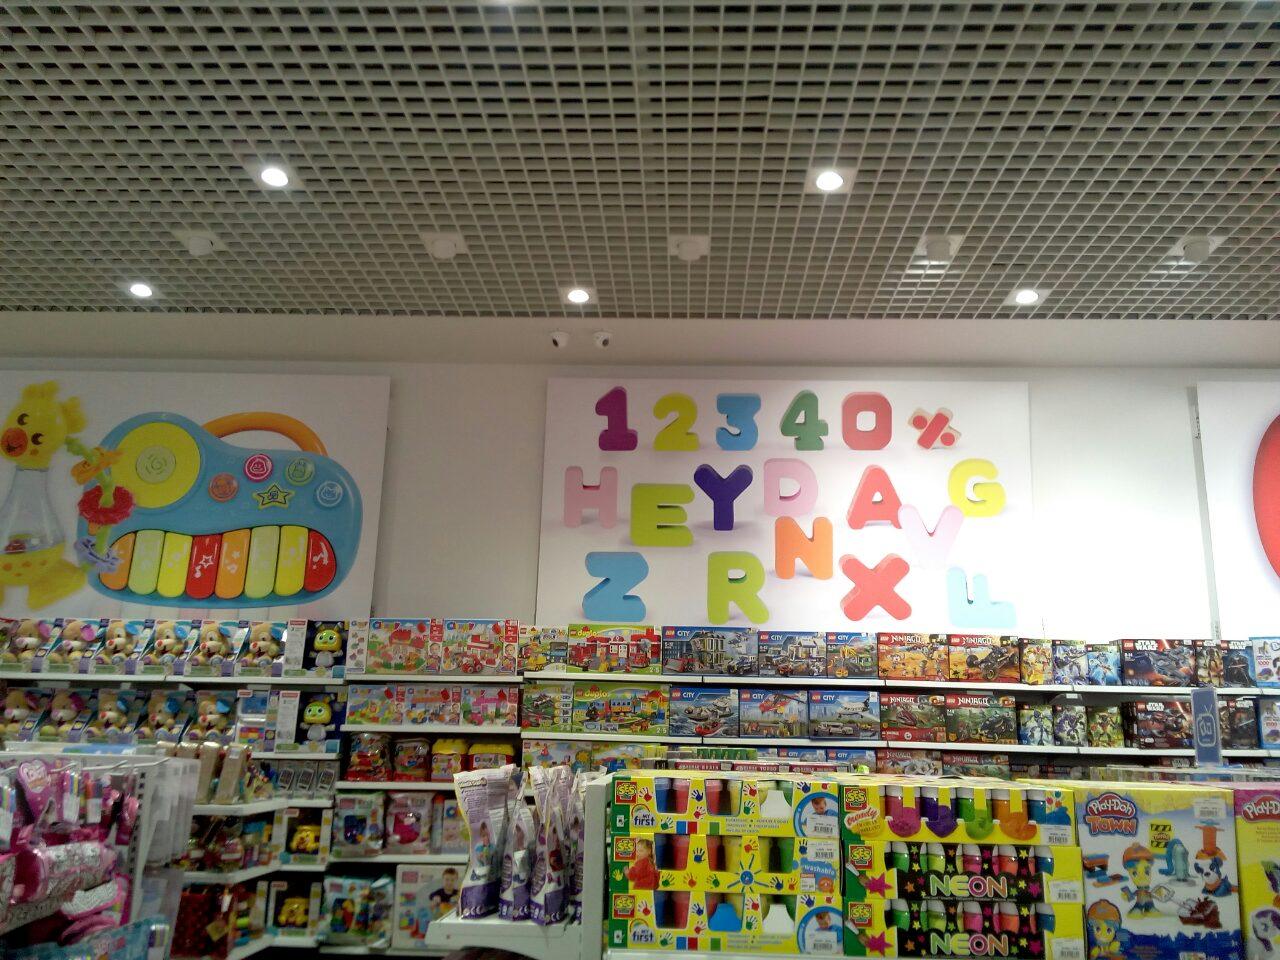 магазин детских игрушек смик монтаж видеонаблюдения фото